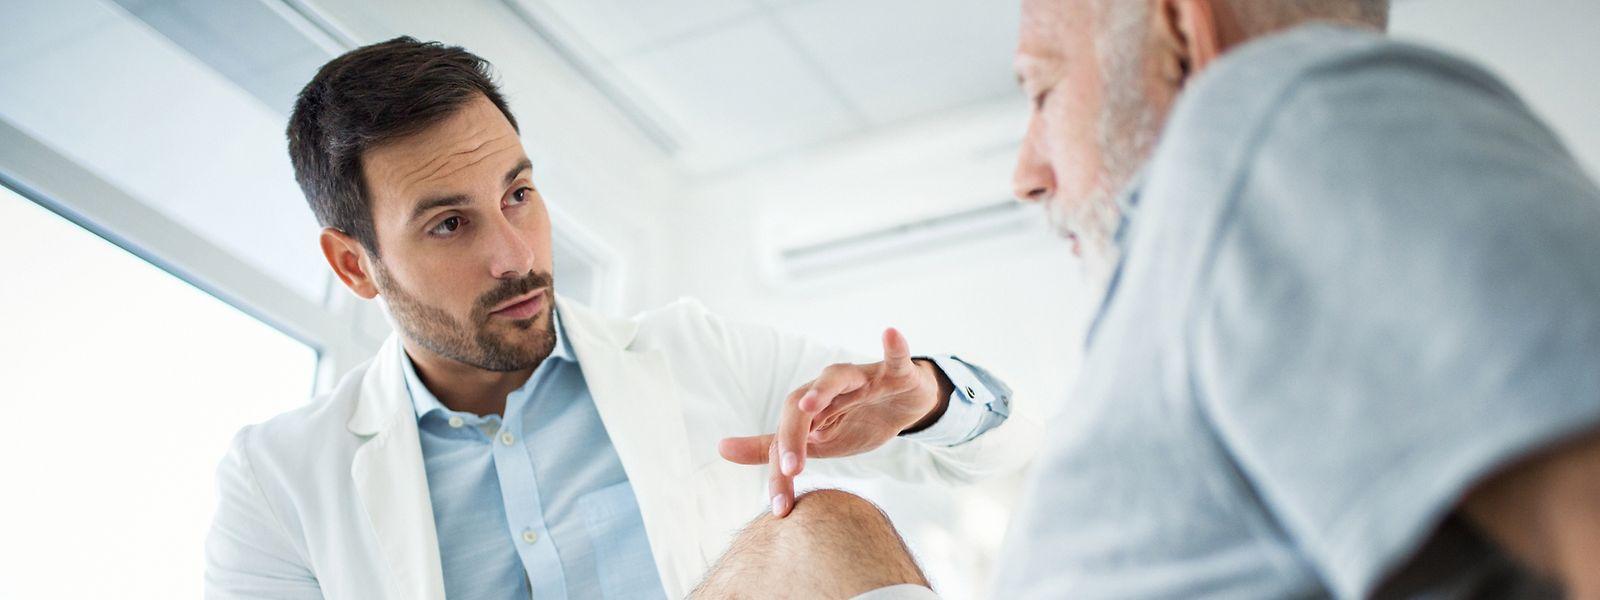 Mit Hilfe der App soll der Weg zum Allgemeinarzt verkürzt werden.